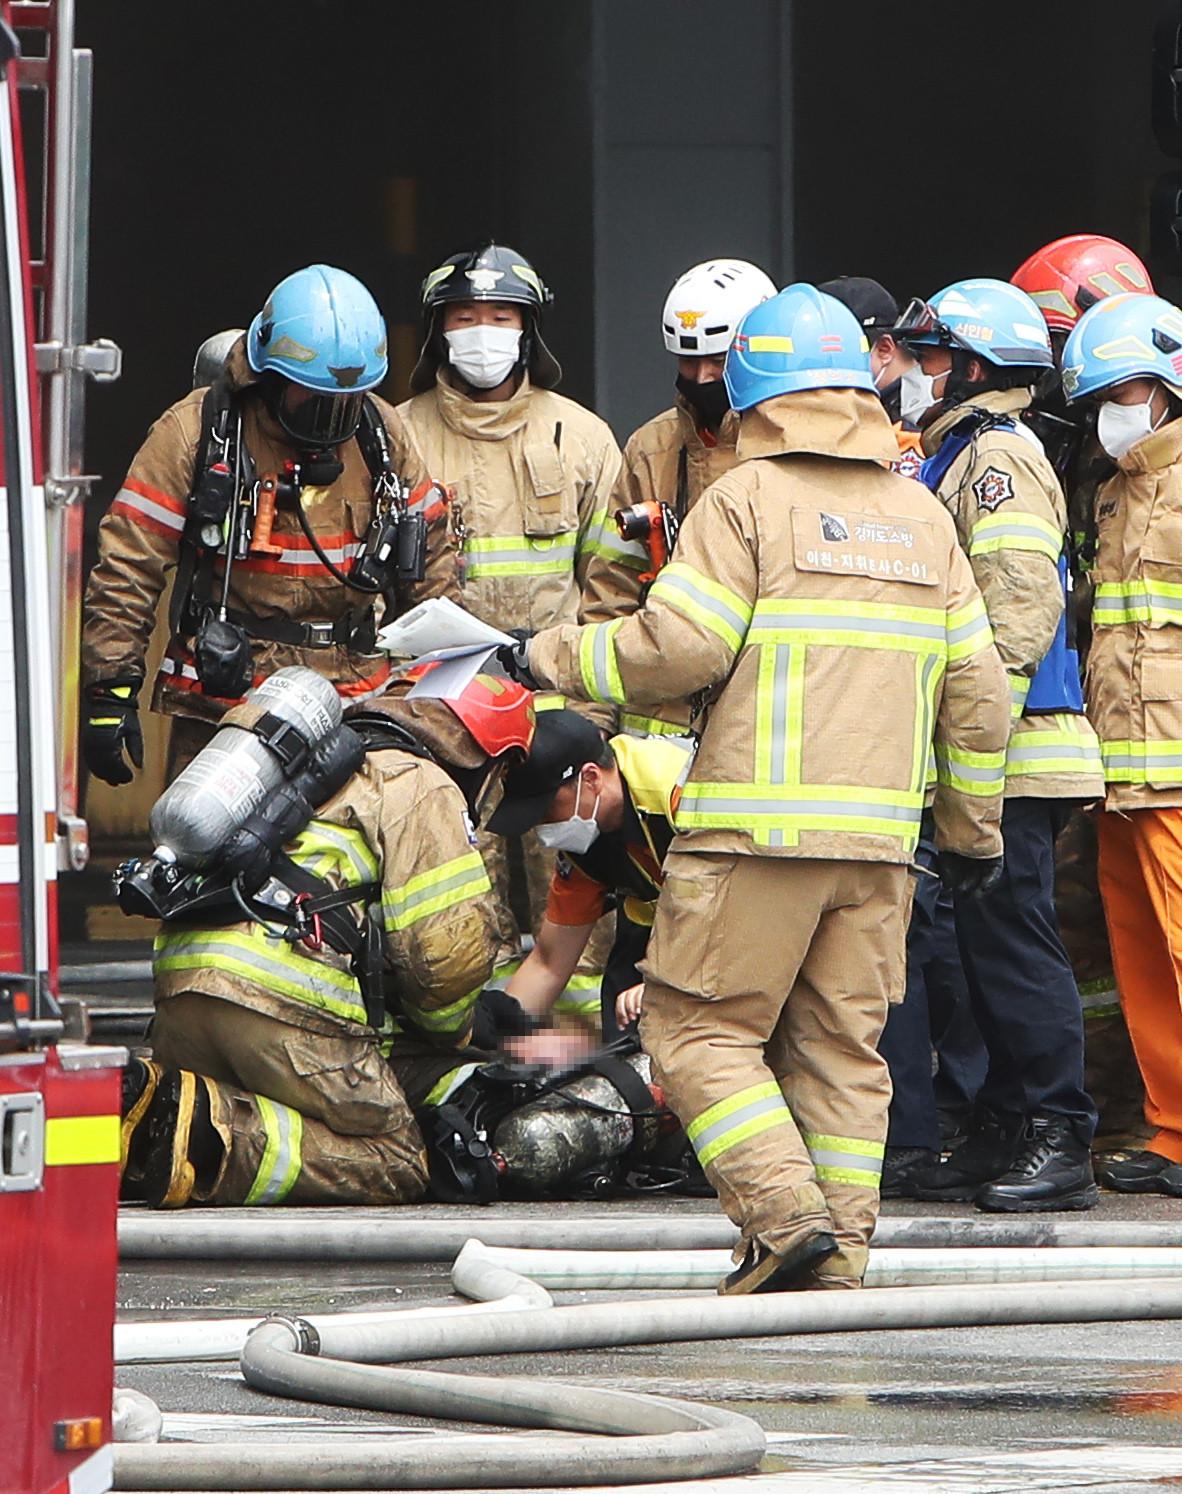 ▲▼金姓消防員受困前,曾指示其他4名隊員先離開現場。(圖/達志影像/newscom)